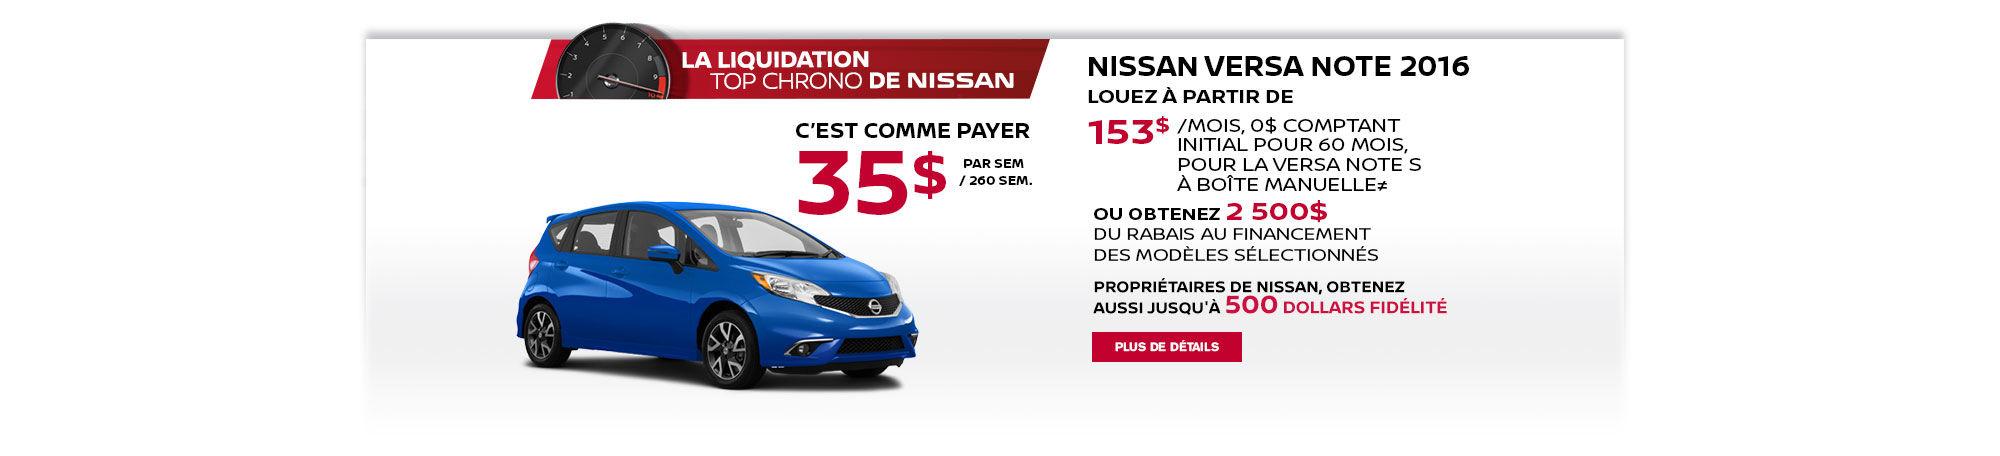 La liquidation top chrono de Nissan - Versa